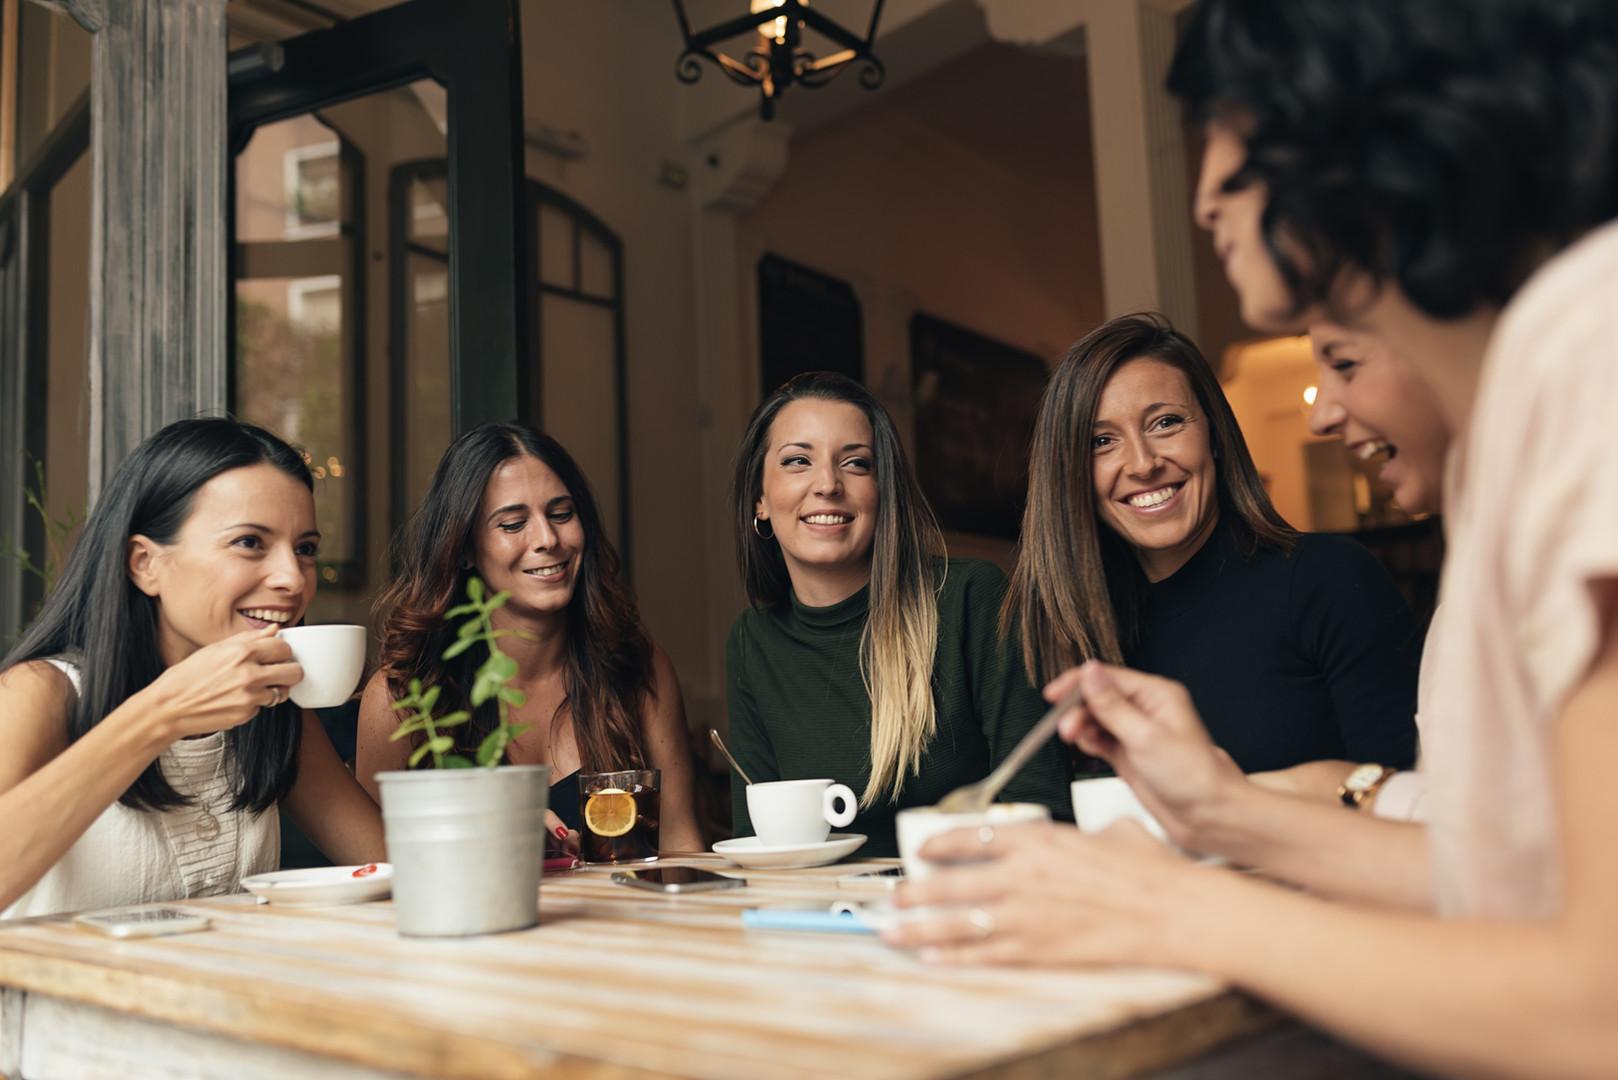 Café con amigos